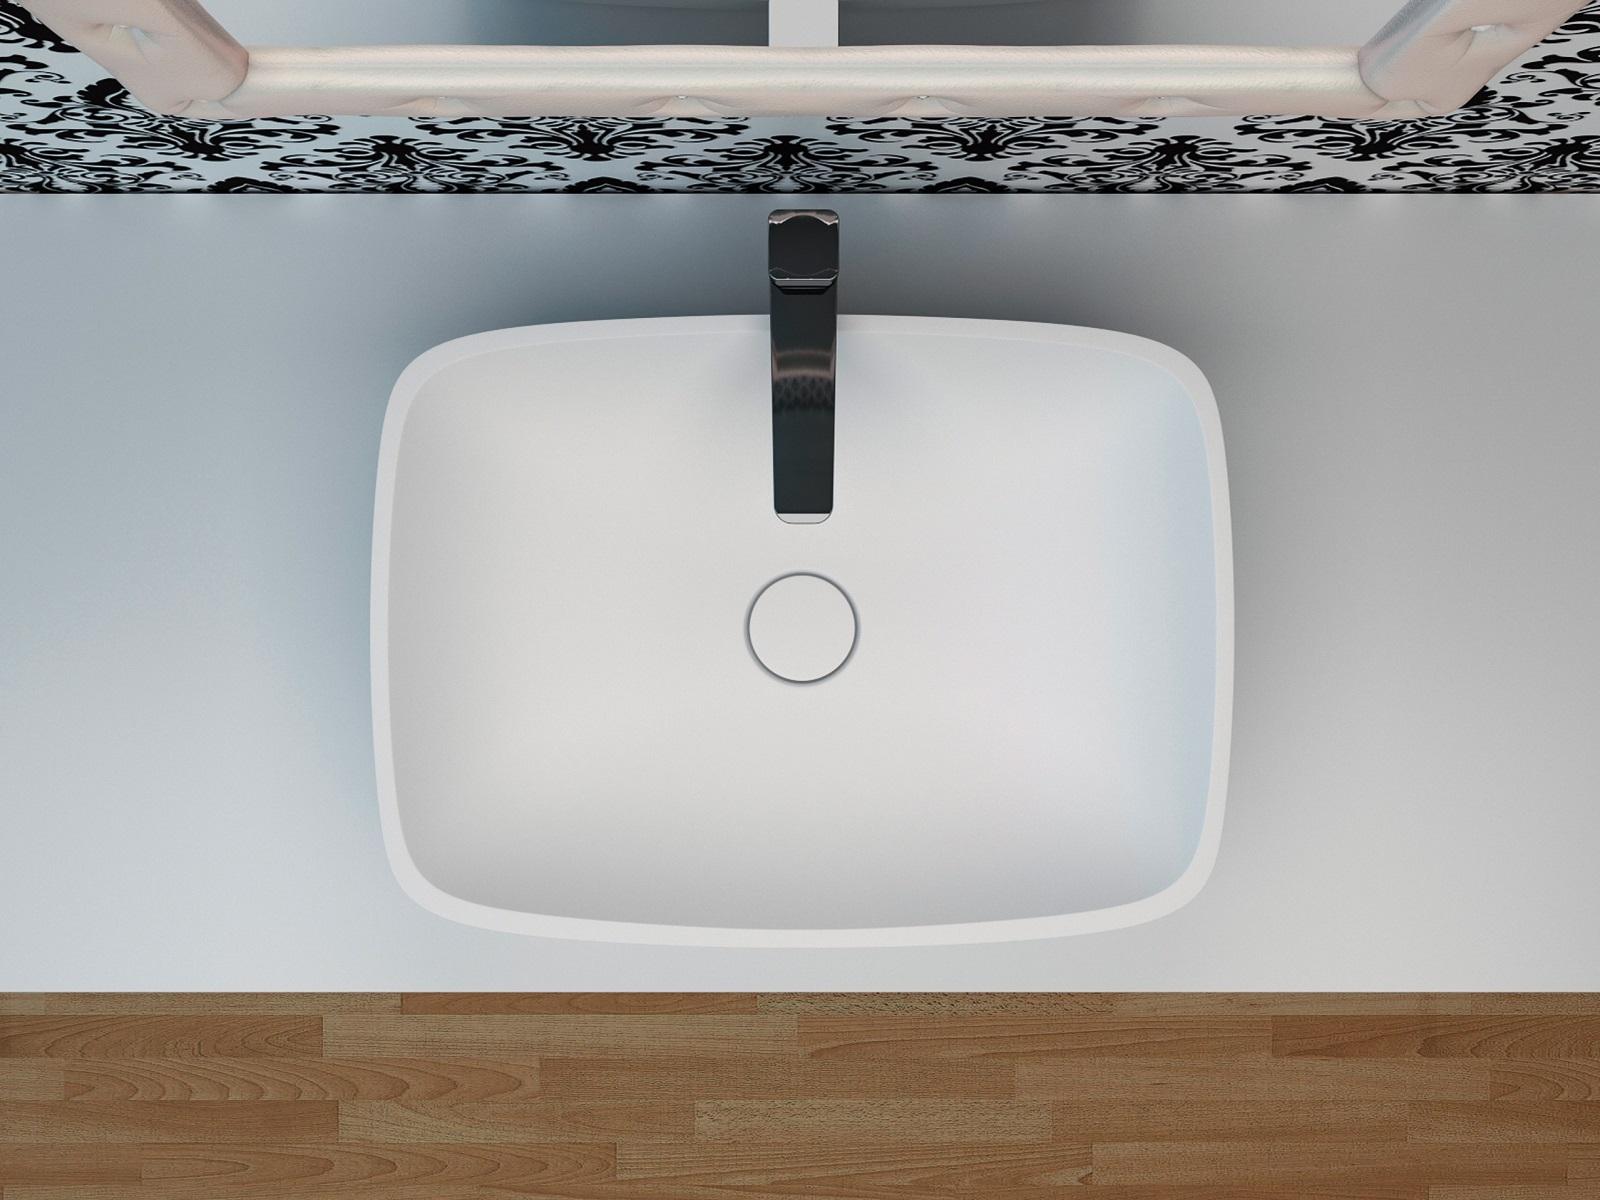 Vier de salle de bain arabella en pierre surface solide for Evier de salle de bain en pierre